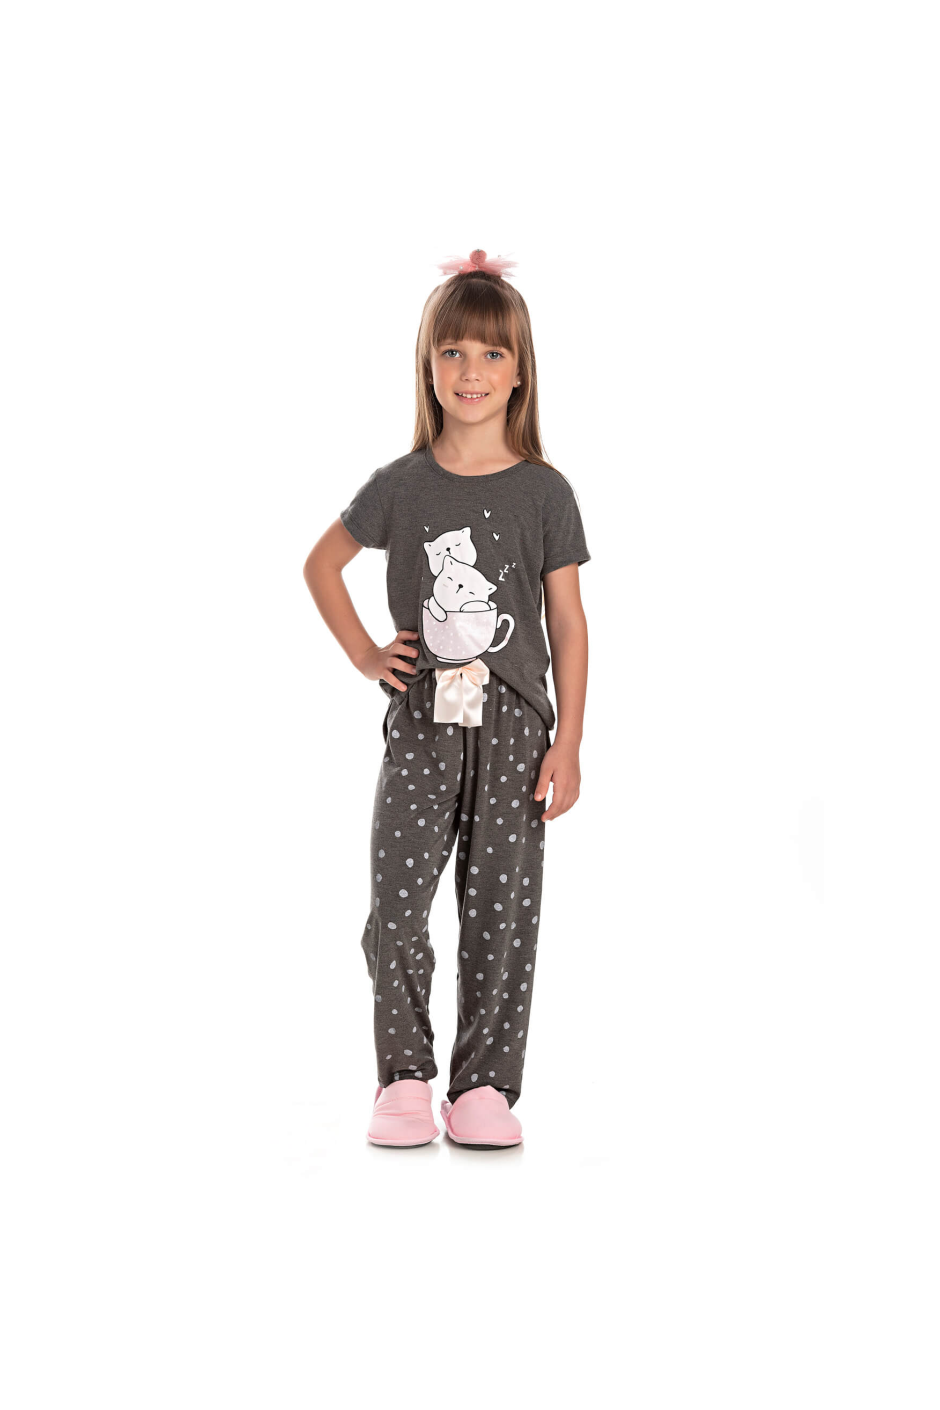 009/C - Pijama Infantil Feminino Feline Sleep zZzZ